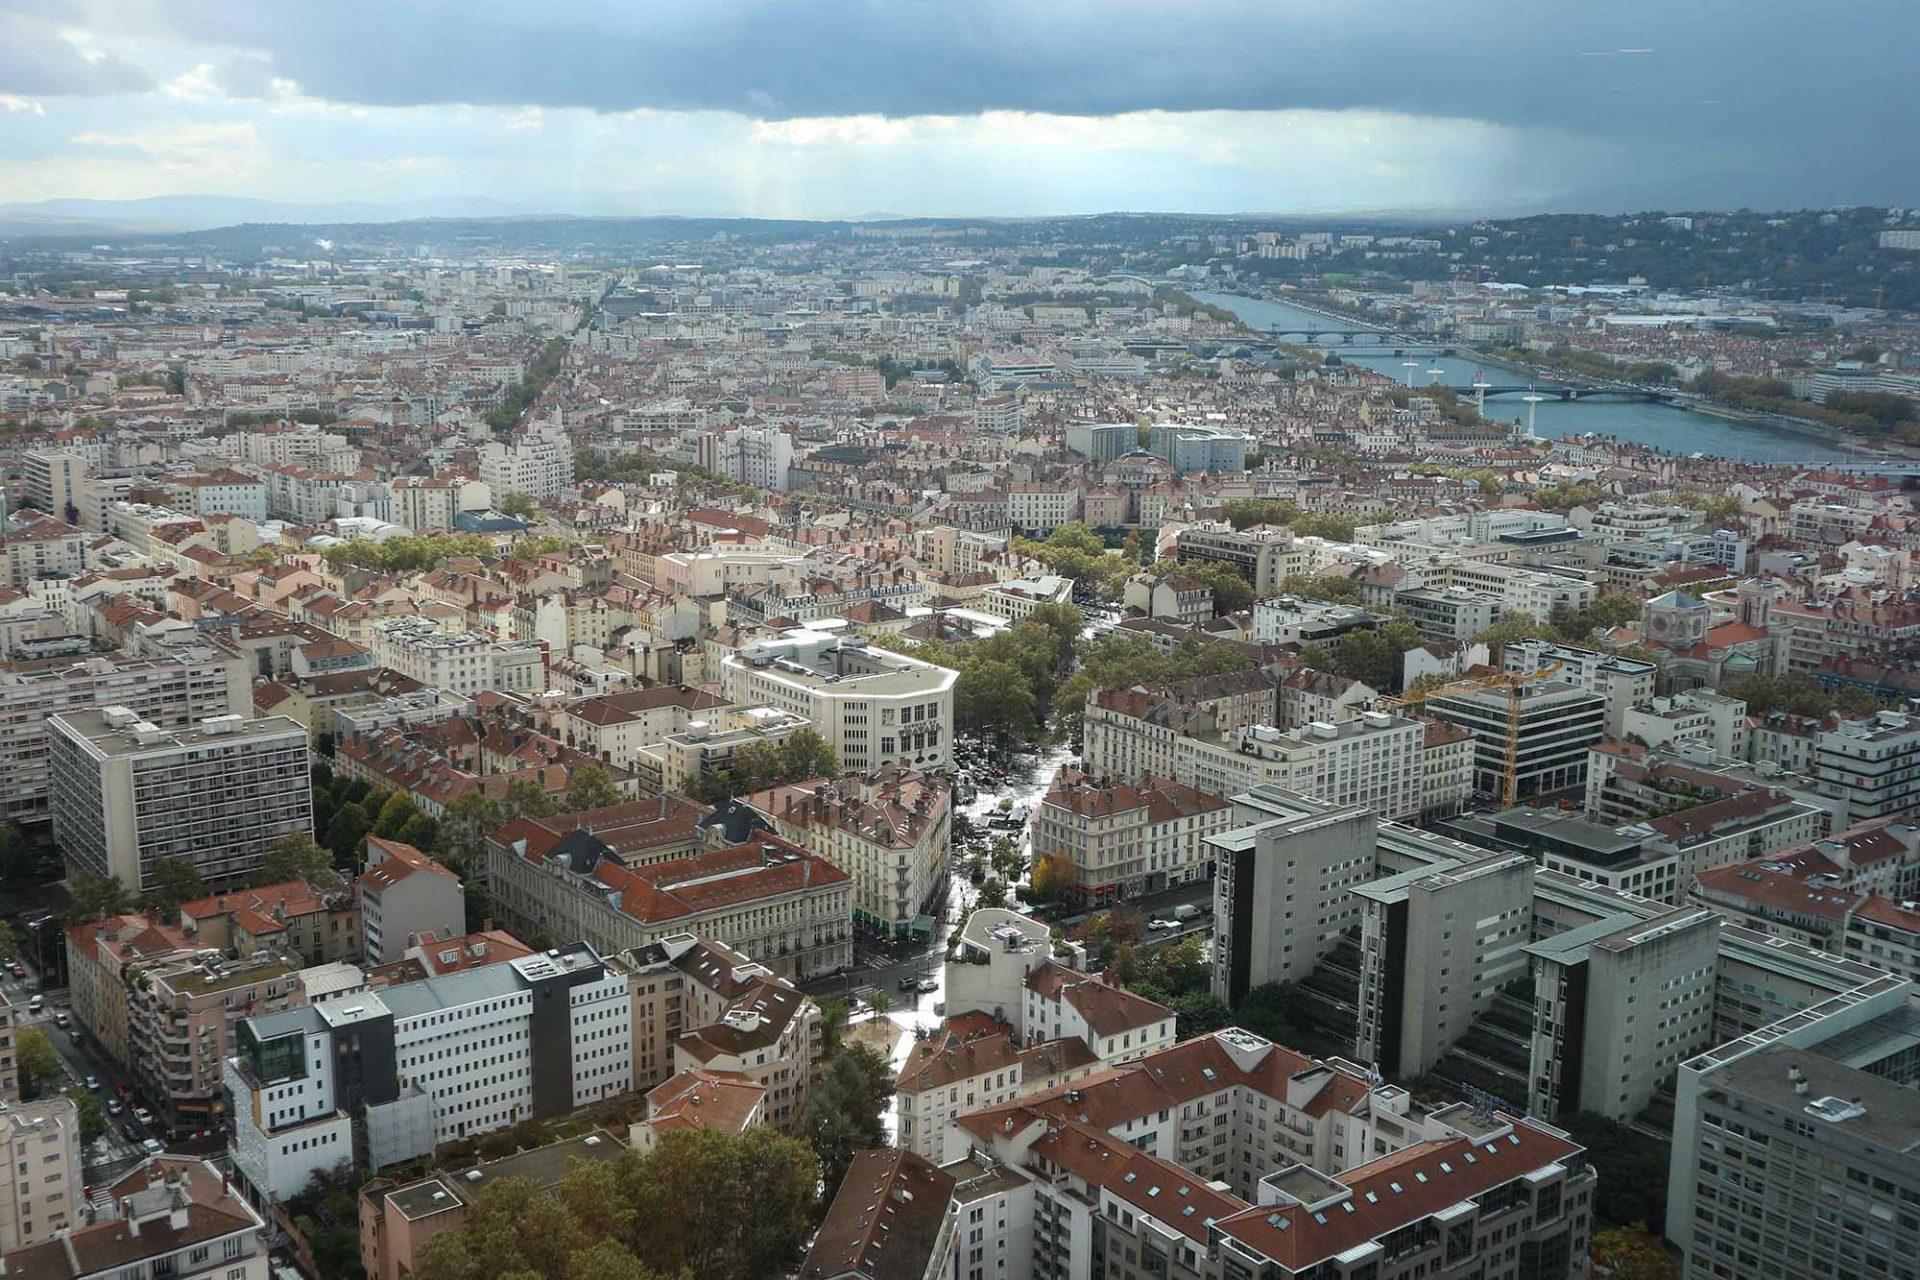 Der Himmel über Lyon. Dem Lauf der Rhône rechts im Bild folgend, stößt man auf das Musée des Confluences. Lyon hat 500.000 Einwohner, der Großraum zählt 2,2 Millionen.